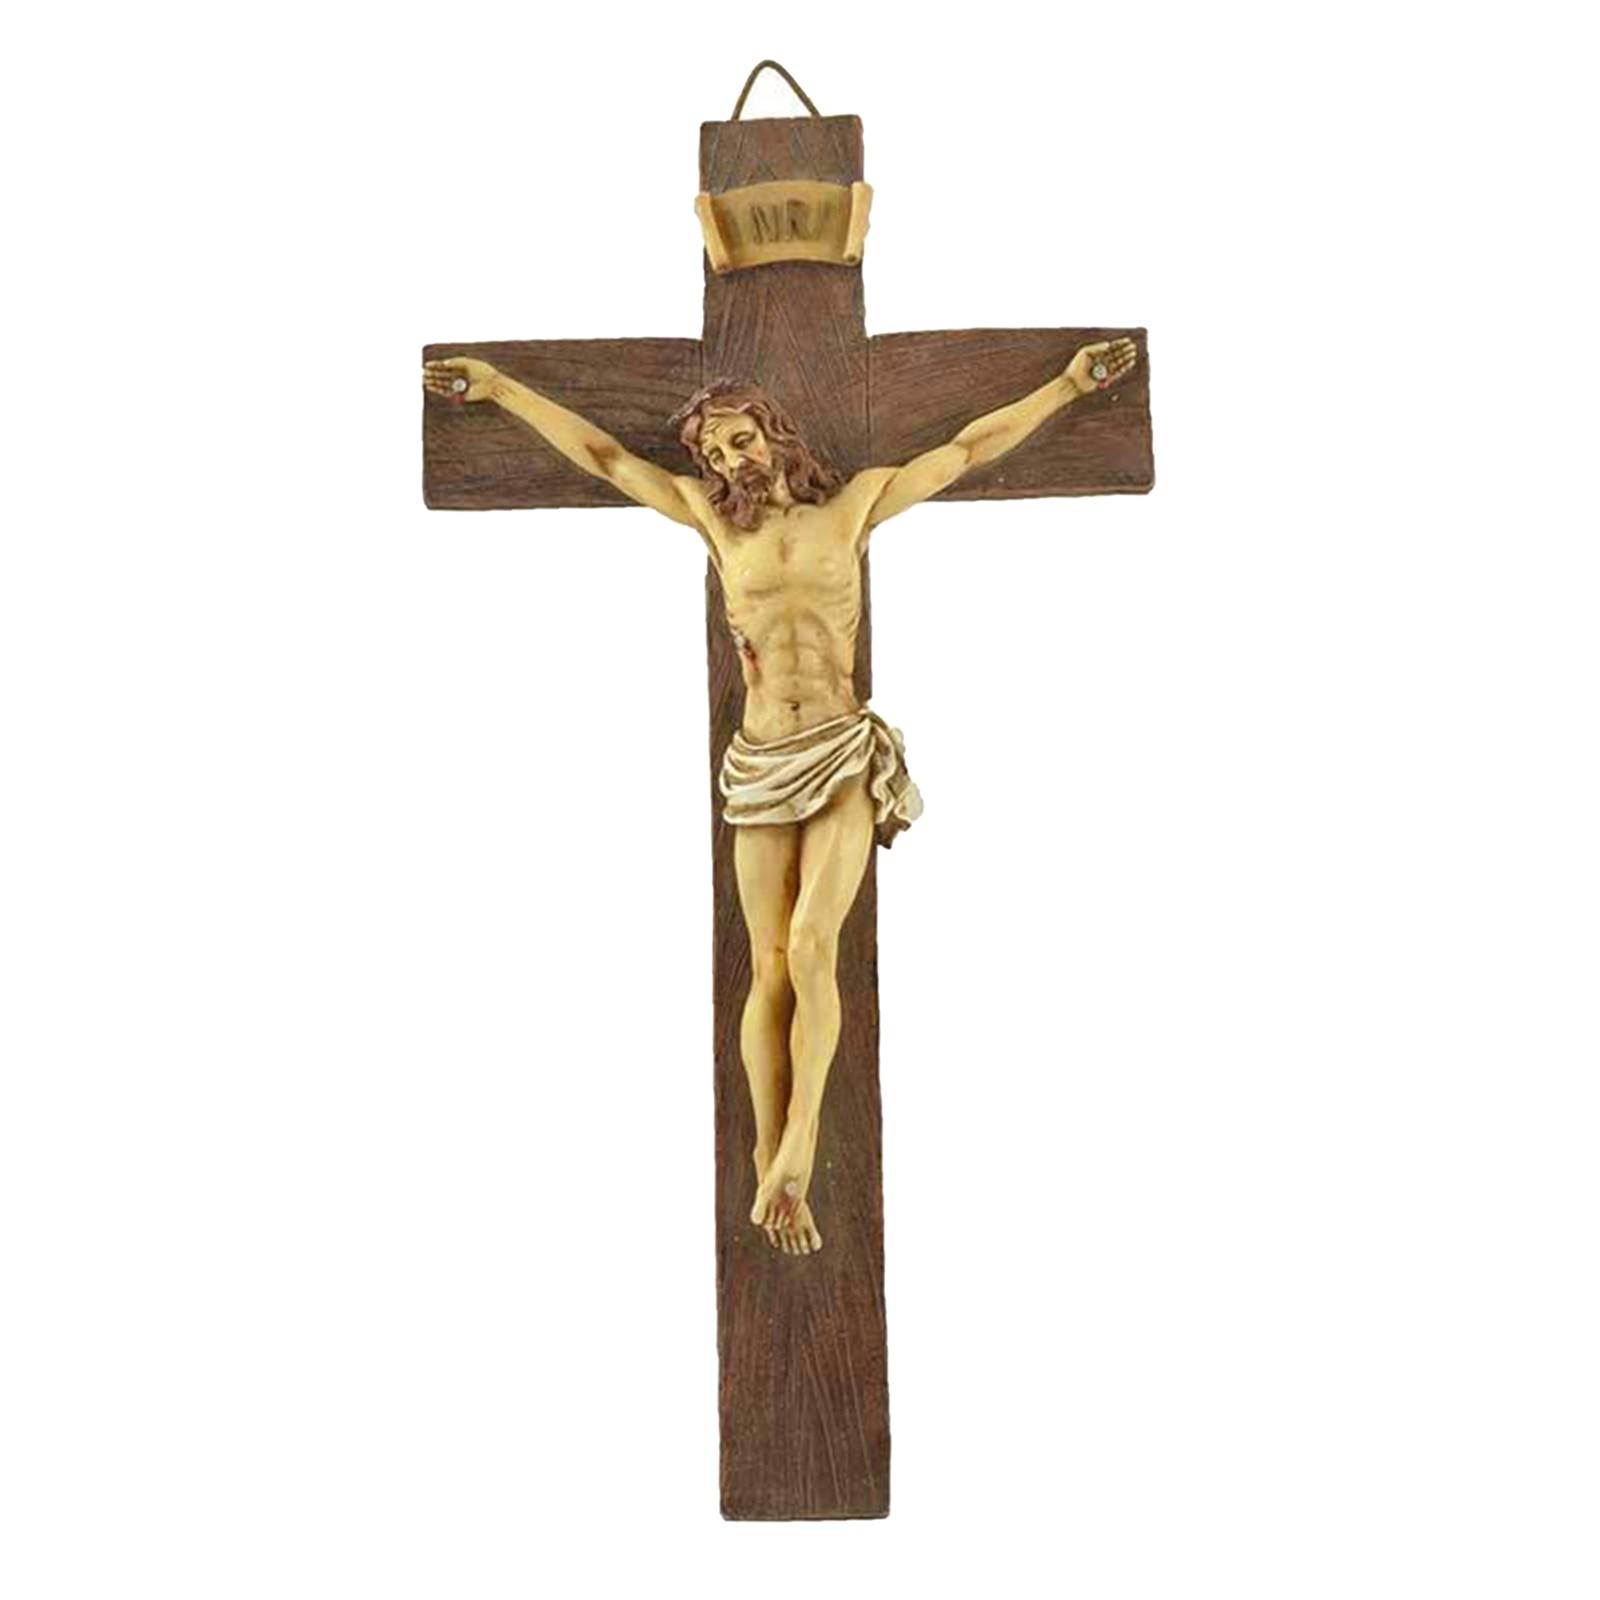 Статуэтка из смолы с крестом Иисуса Христа, настенное украшение, подарок